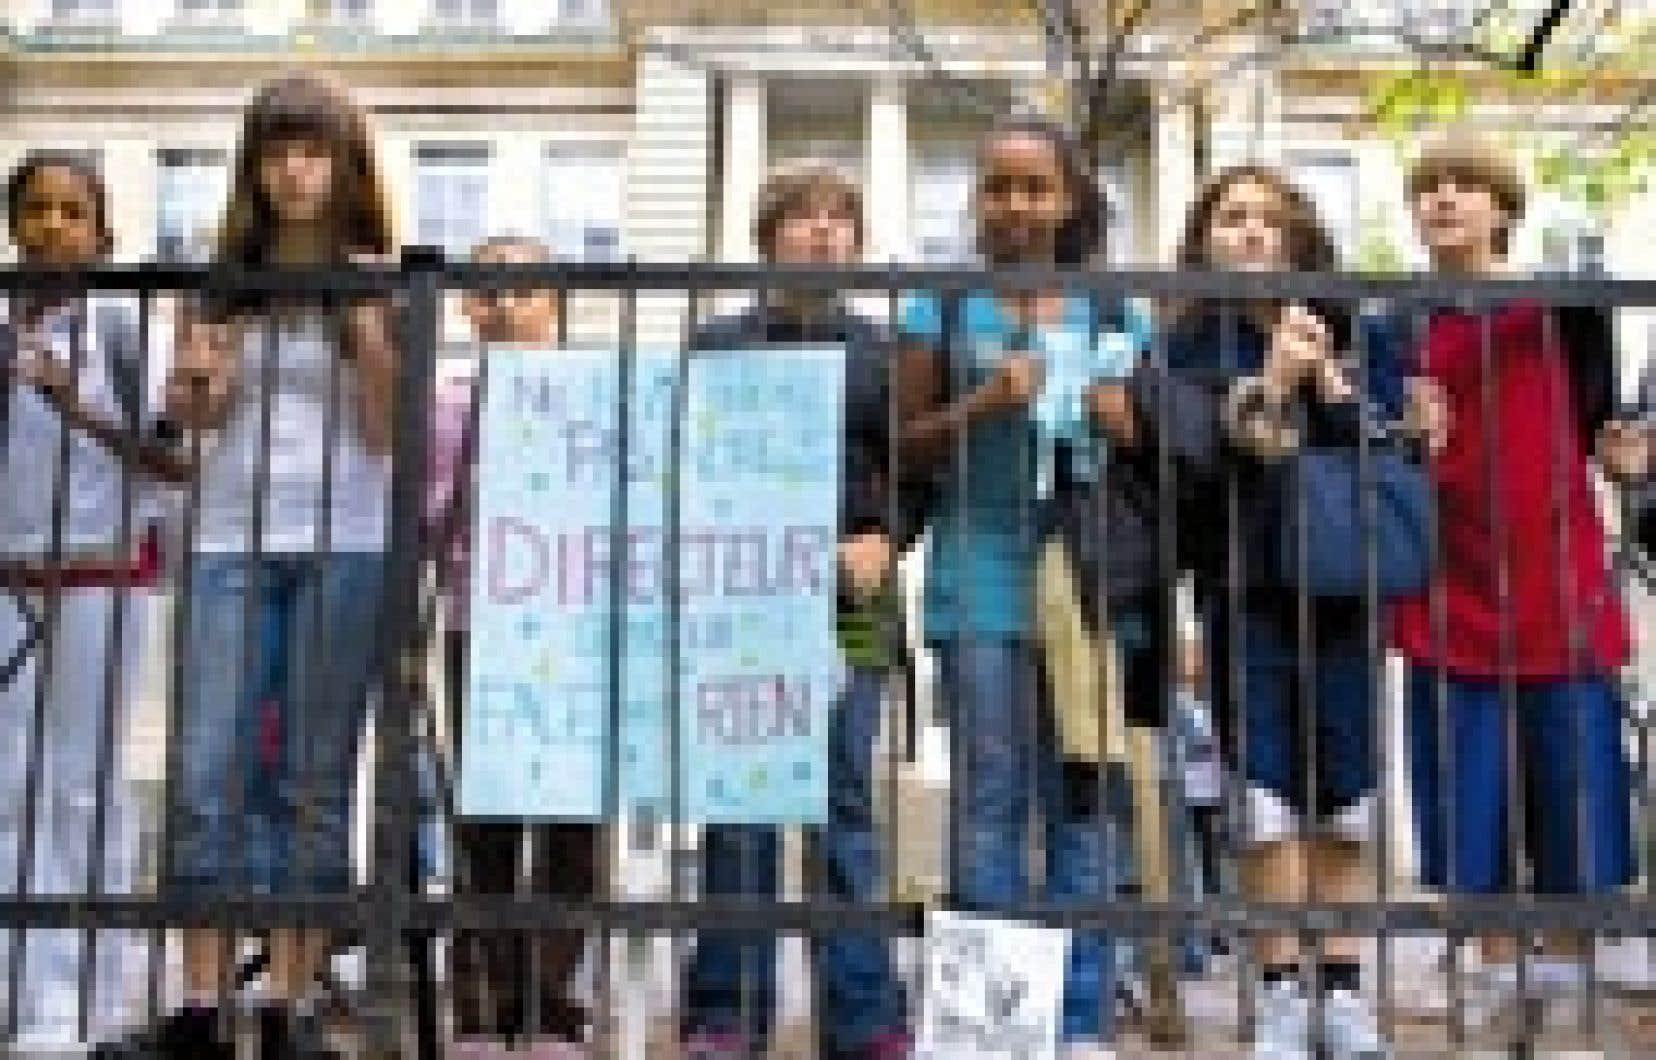 Des centaines d'élèves de l'école FACE ont manifesté hier leur mécontentement à propos de la suspension de leur directeur, Nick Primiano, qui demeure inexpliquée.